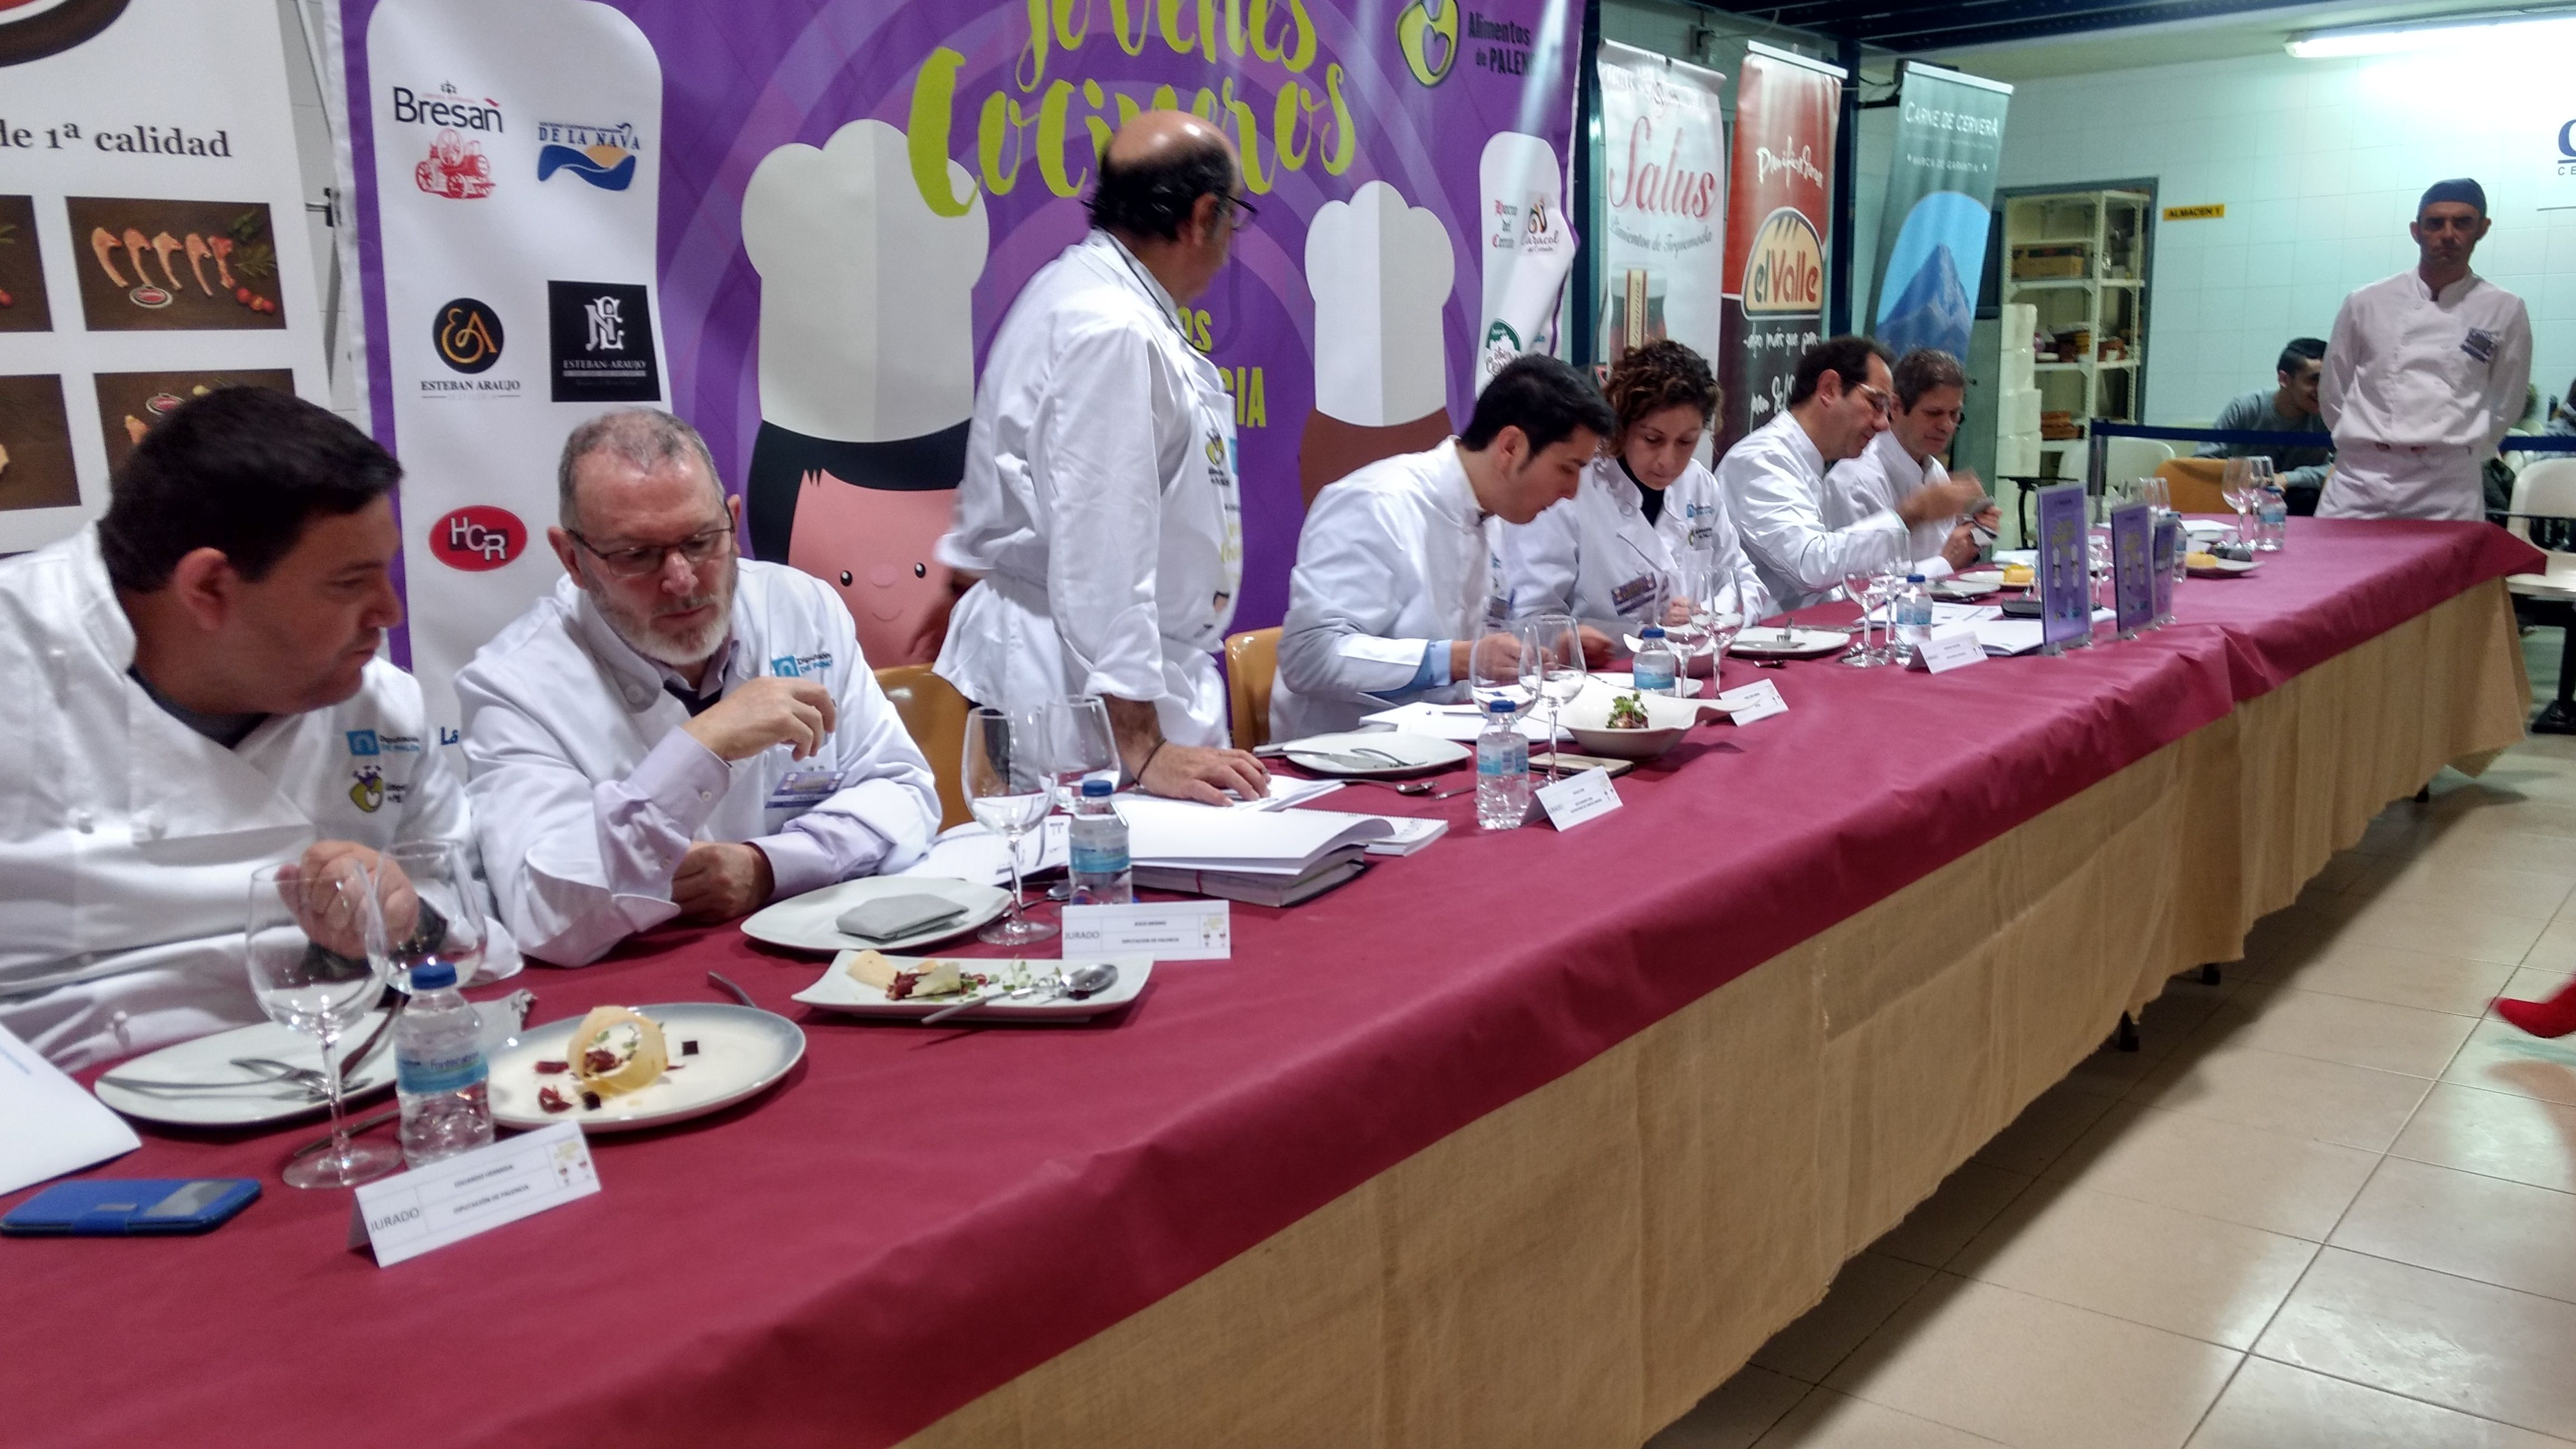 Image result for Concursos de cocina que ponen a prueba la creatividad